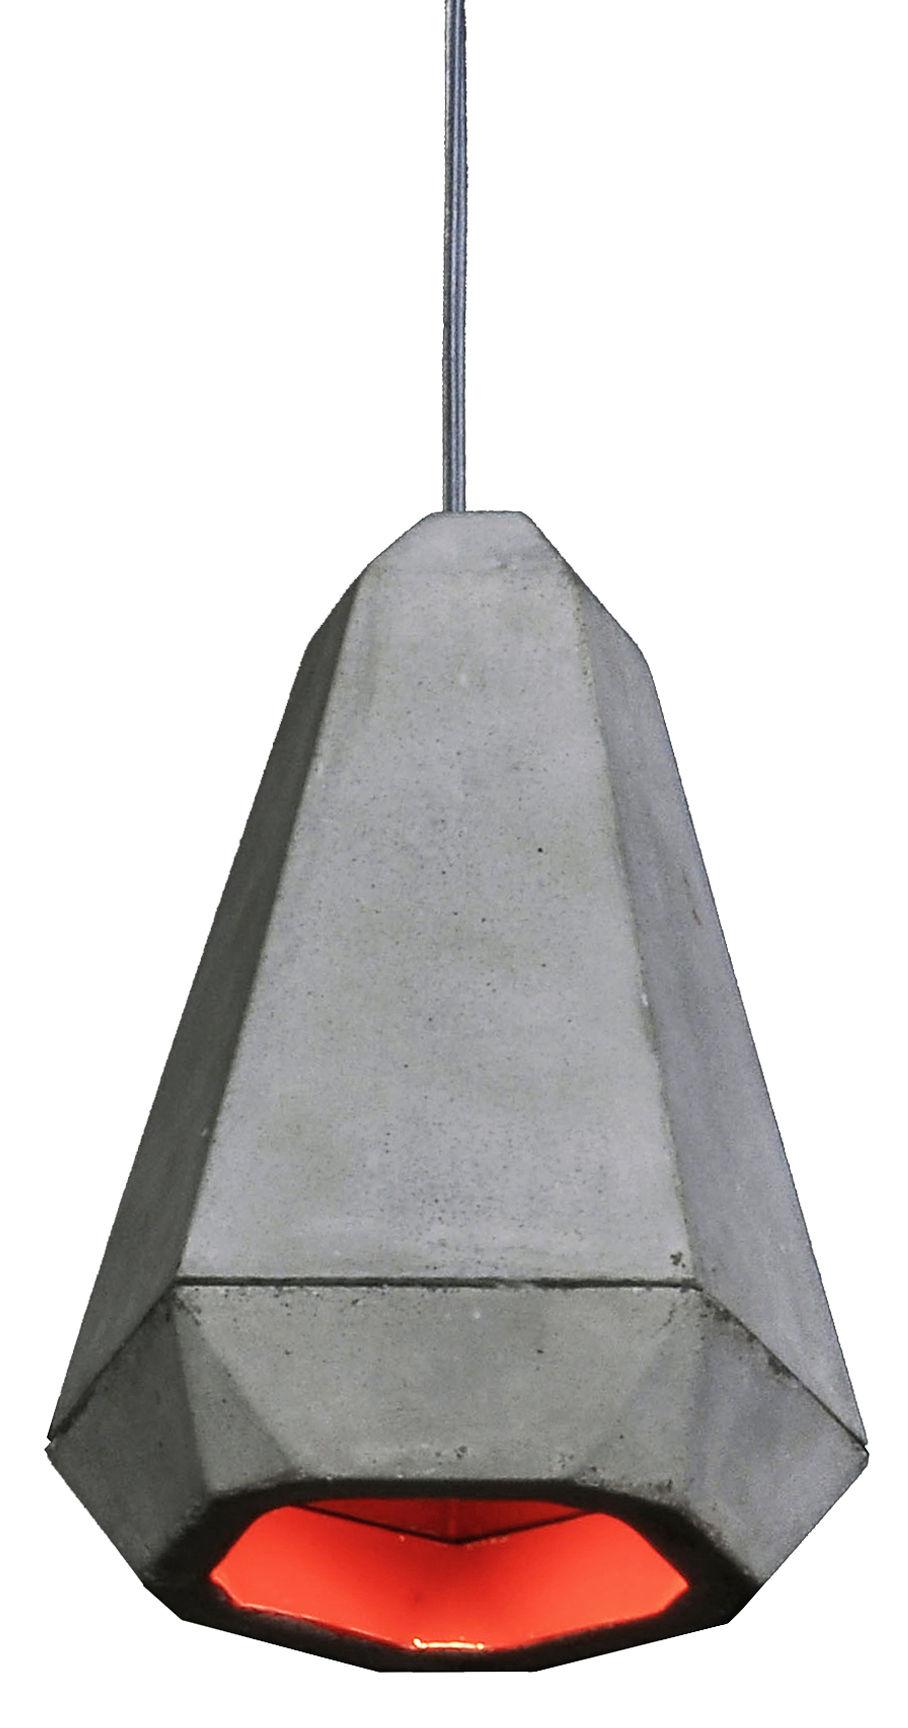 Luminaire - Suspensions - Suspension Portland / Béton - Innermost - Béton gris / Intérieur rouge - Béton